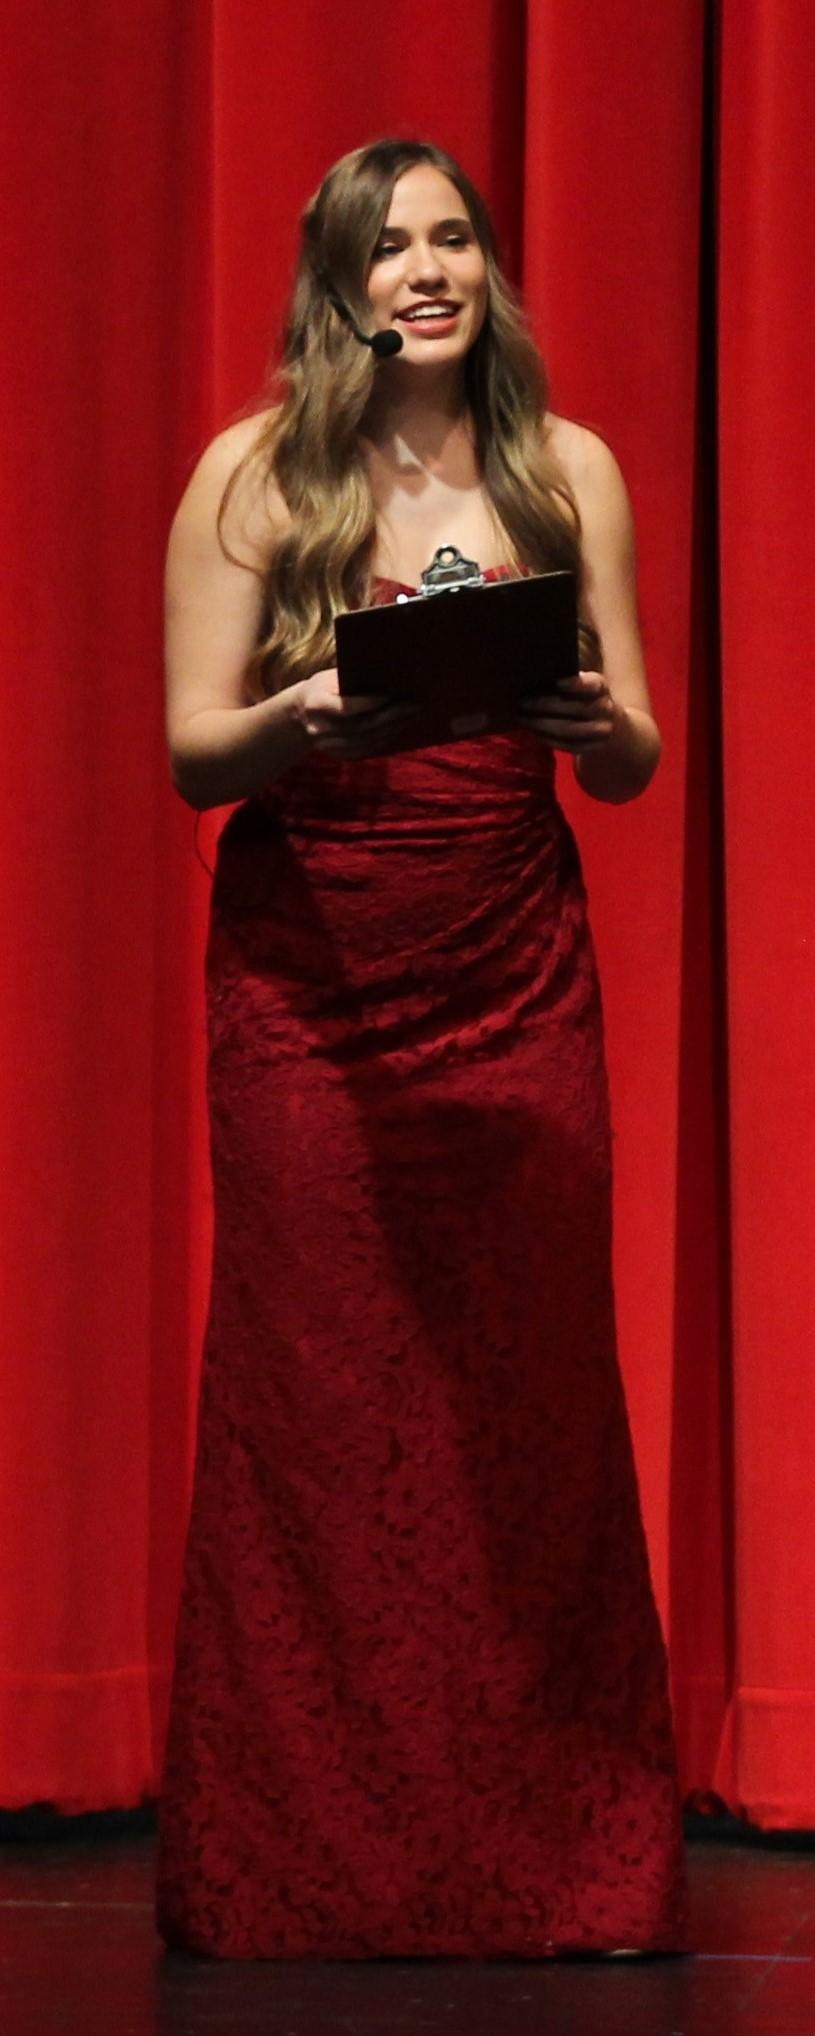 Christina Fuller hosting Talent Show